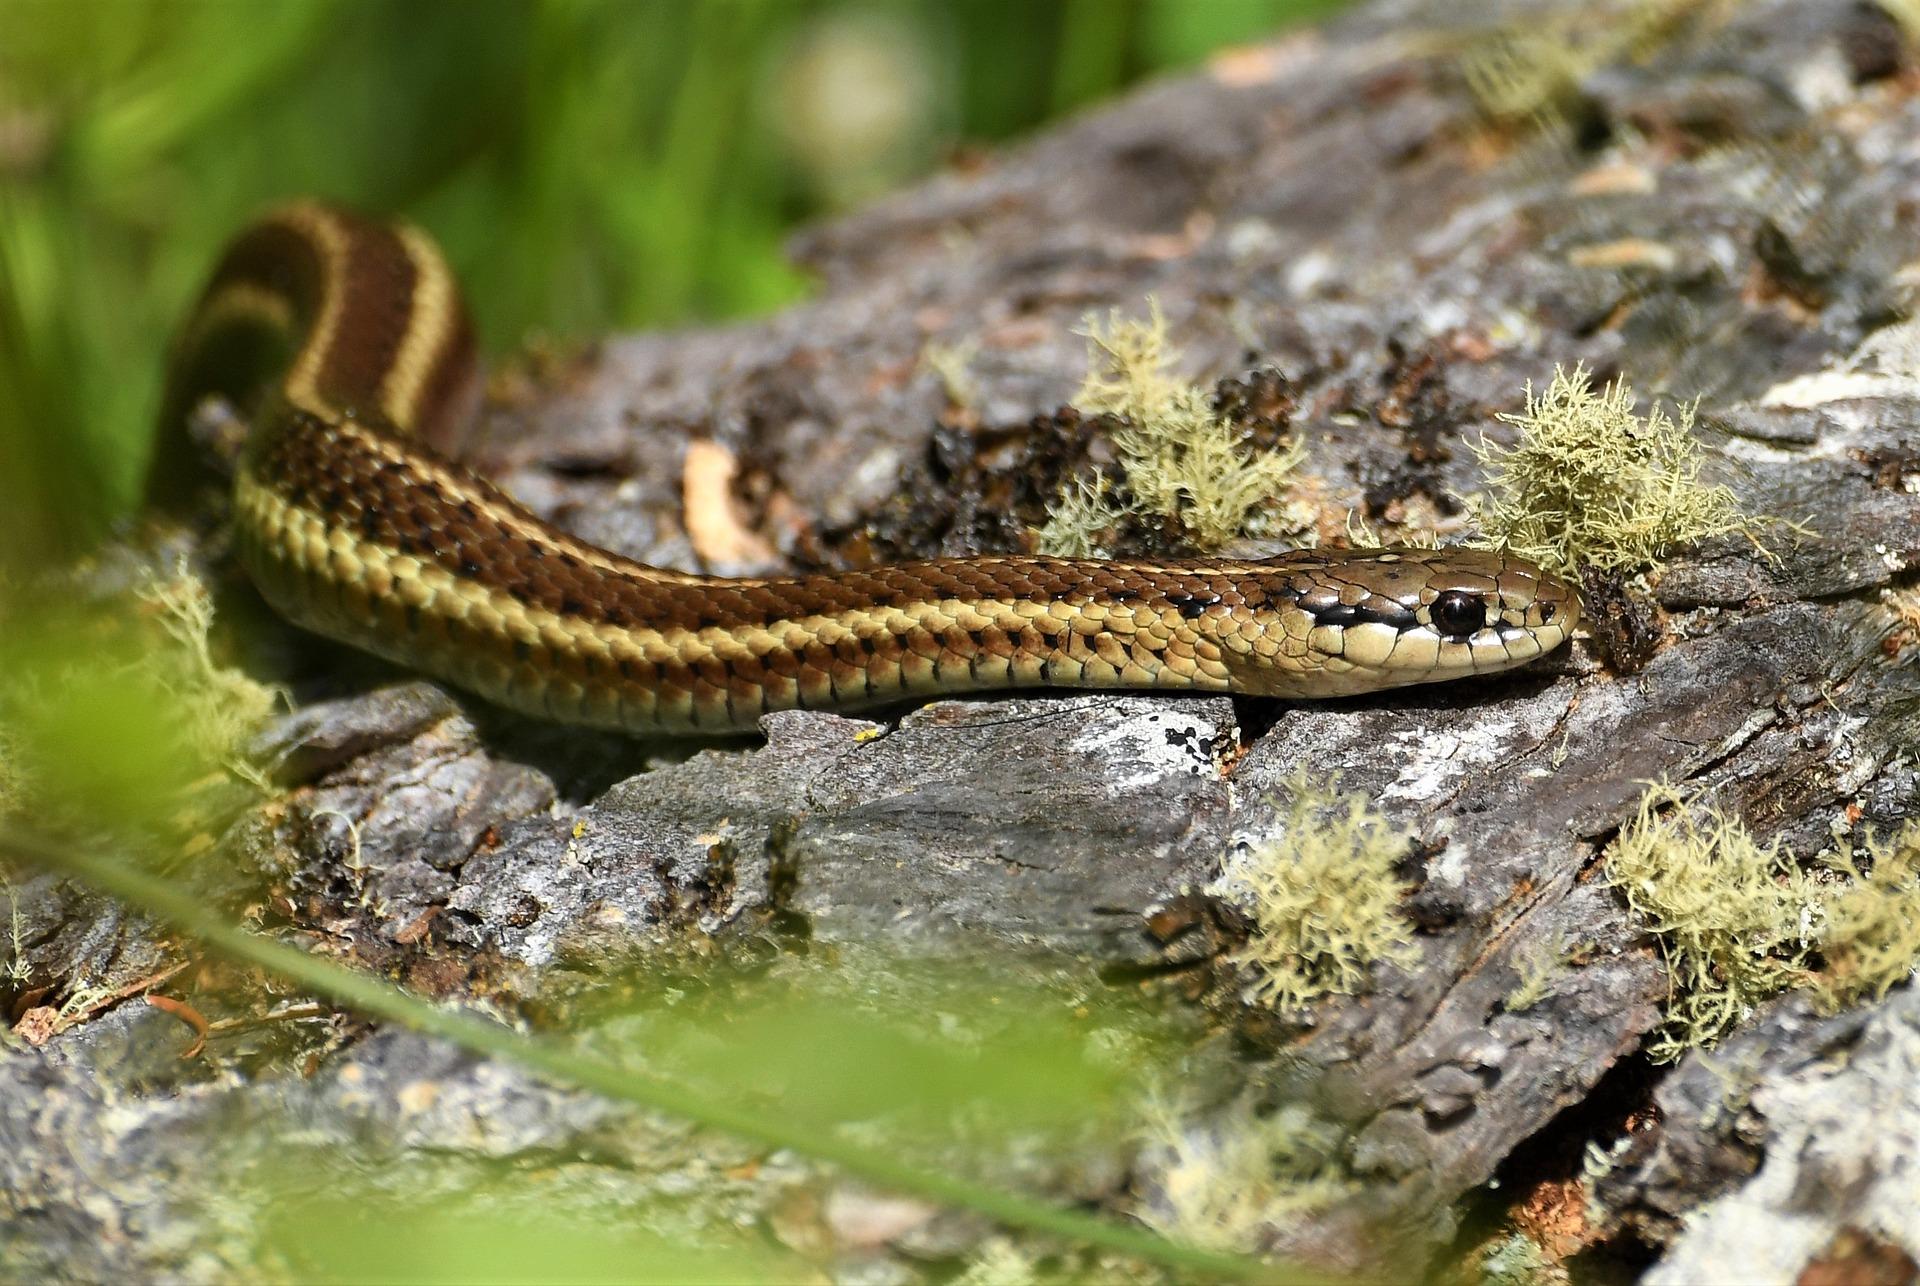 garter-snake-3546237_1920